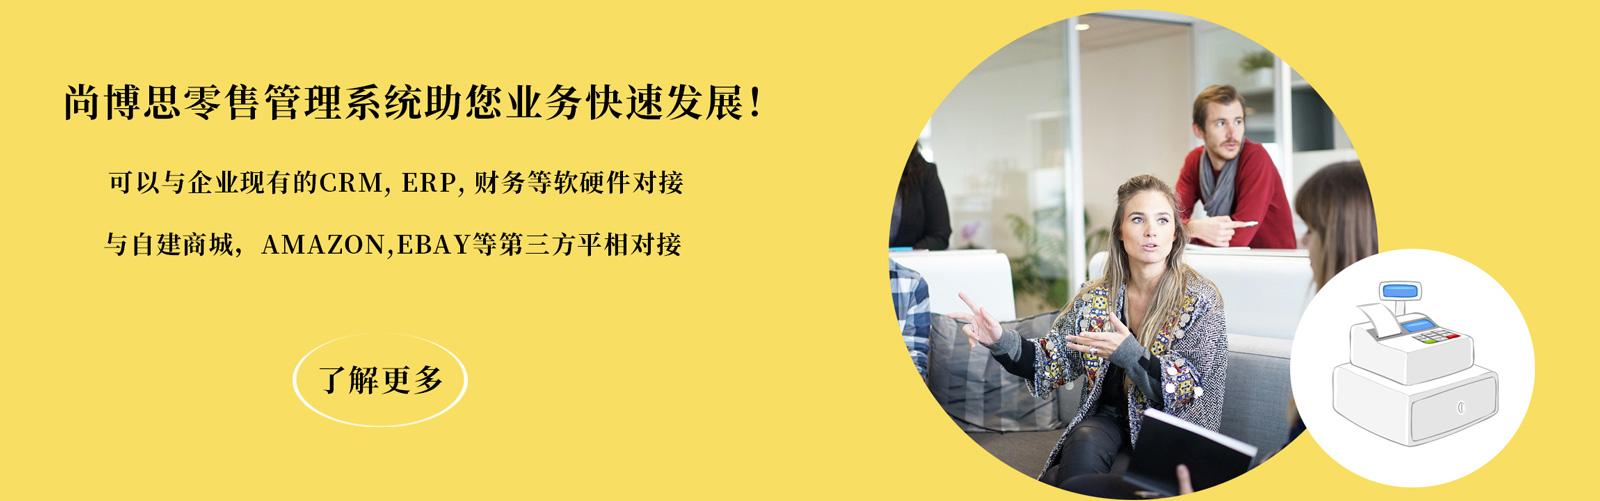 尚博思英文零售管理系统